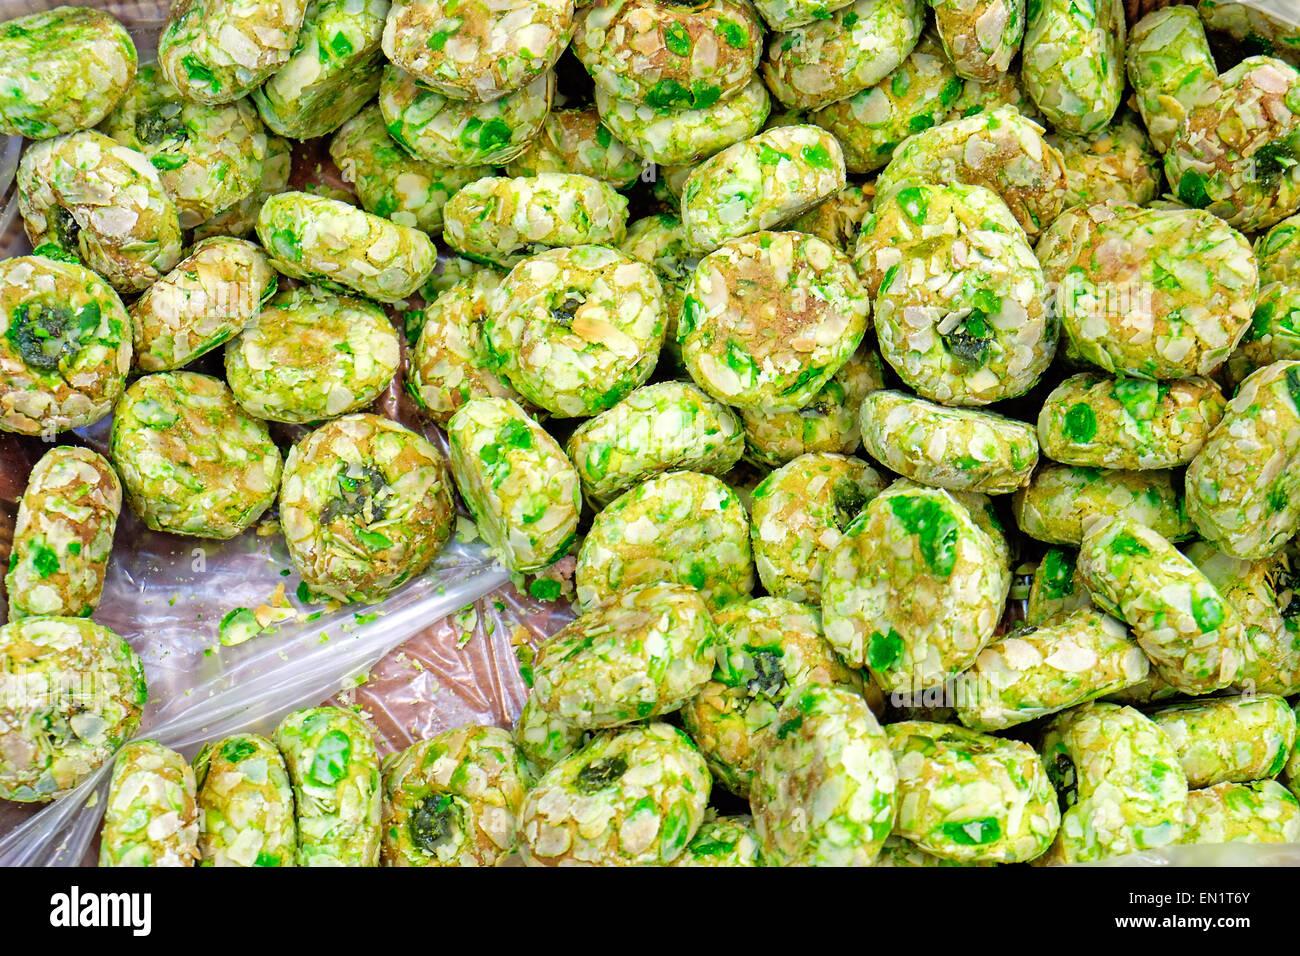 Alcuni verde pasticceria italiana per la vendita in un forno Immagini Stock